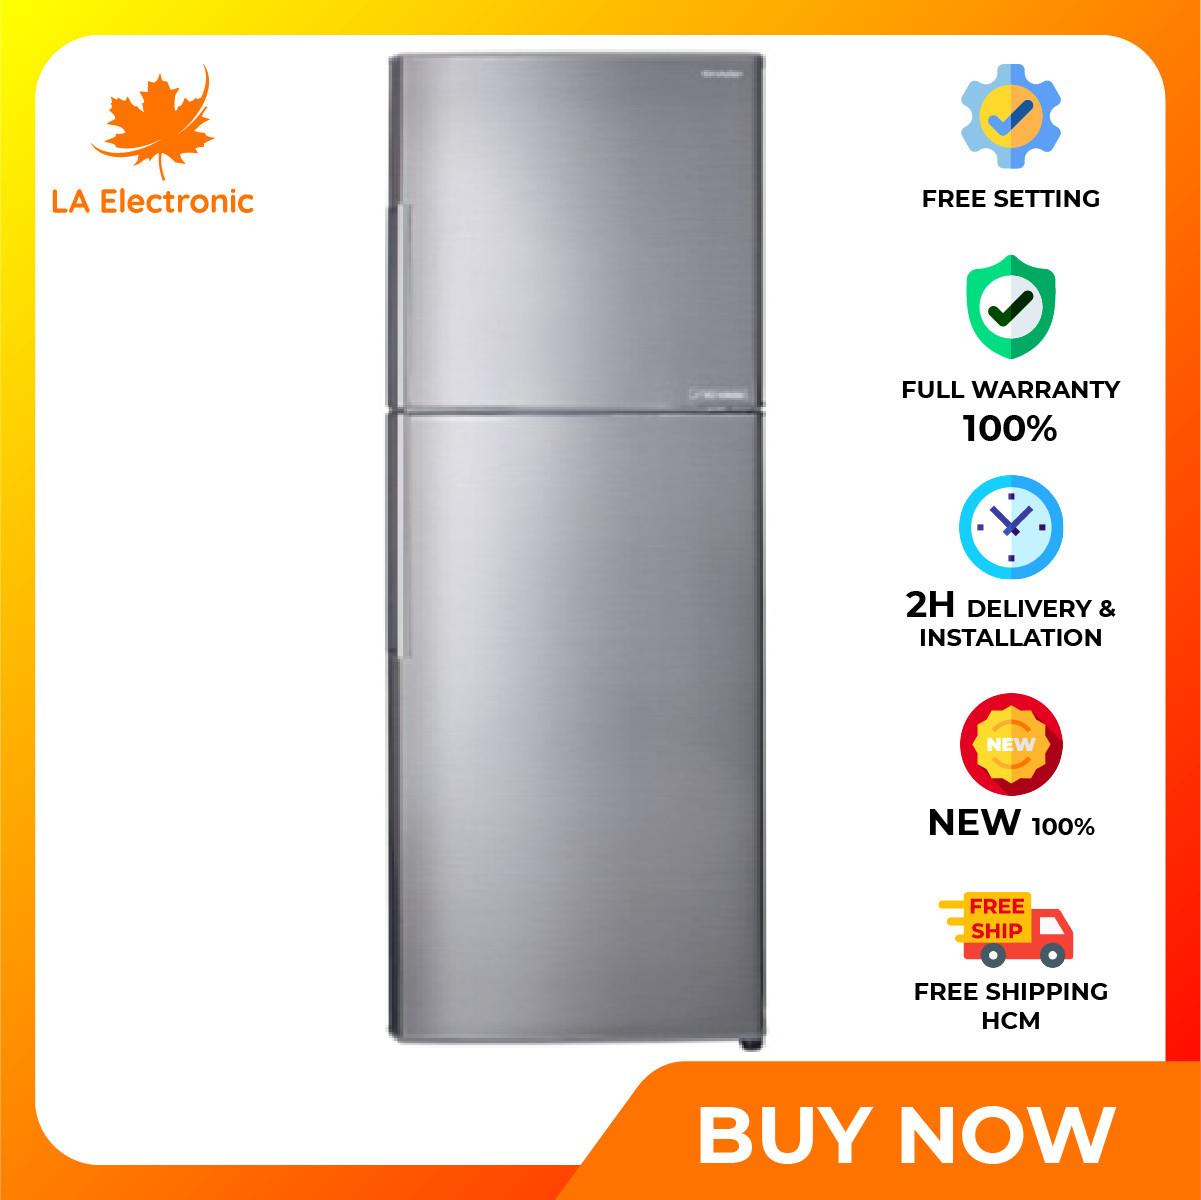 [GIAO HÀNG 2 – 15 NGÀY TRỄ NHẤT 15.09] Trả Góp 0% – Tủ lạnh Sharp Inverter 342 lít SJ-X346E-SL – Miễn phí vận chuyển HCM – Chế độ Extra Eco tăng khả năng tiết kiệm điện tối đa Công nghệ khử mùi Nano Ag+Cu lọc sạch vi khuẩn gây hại